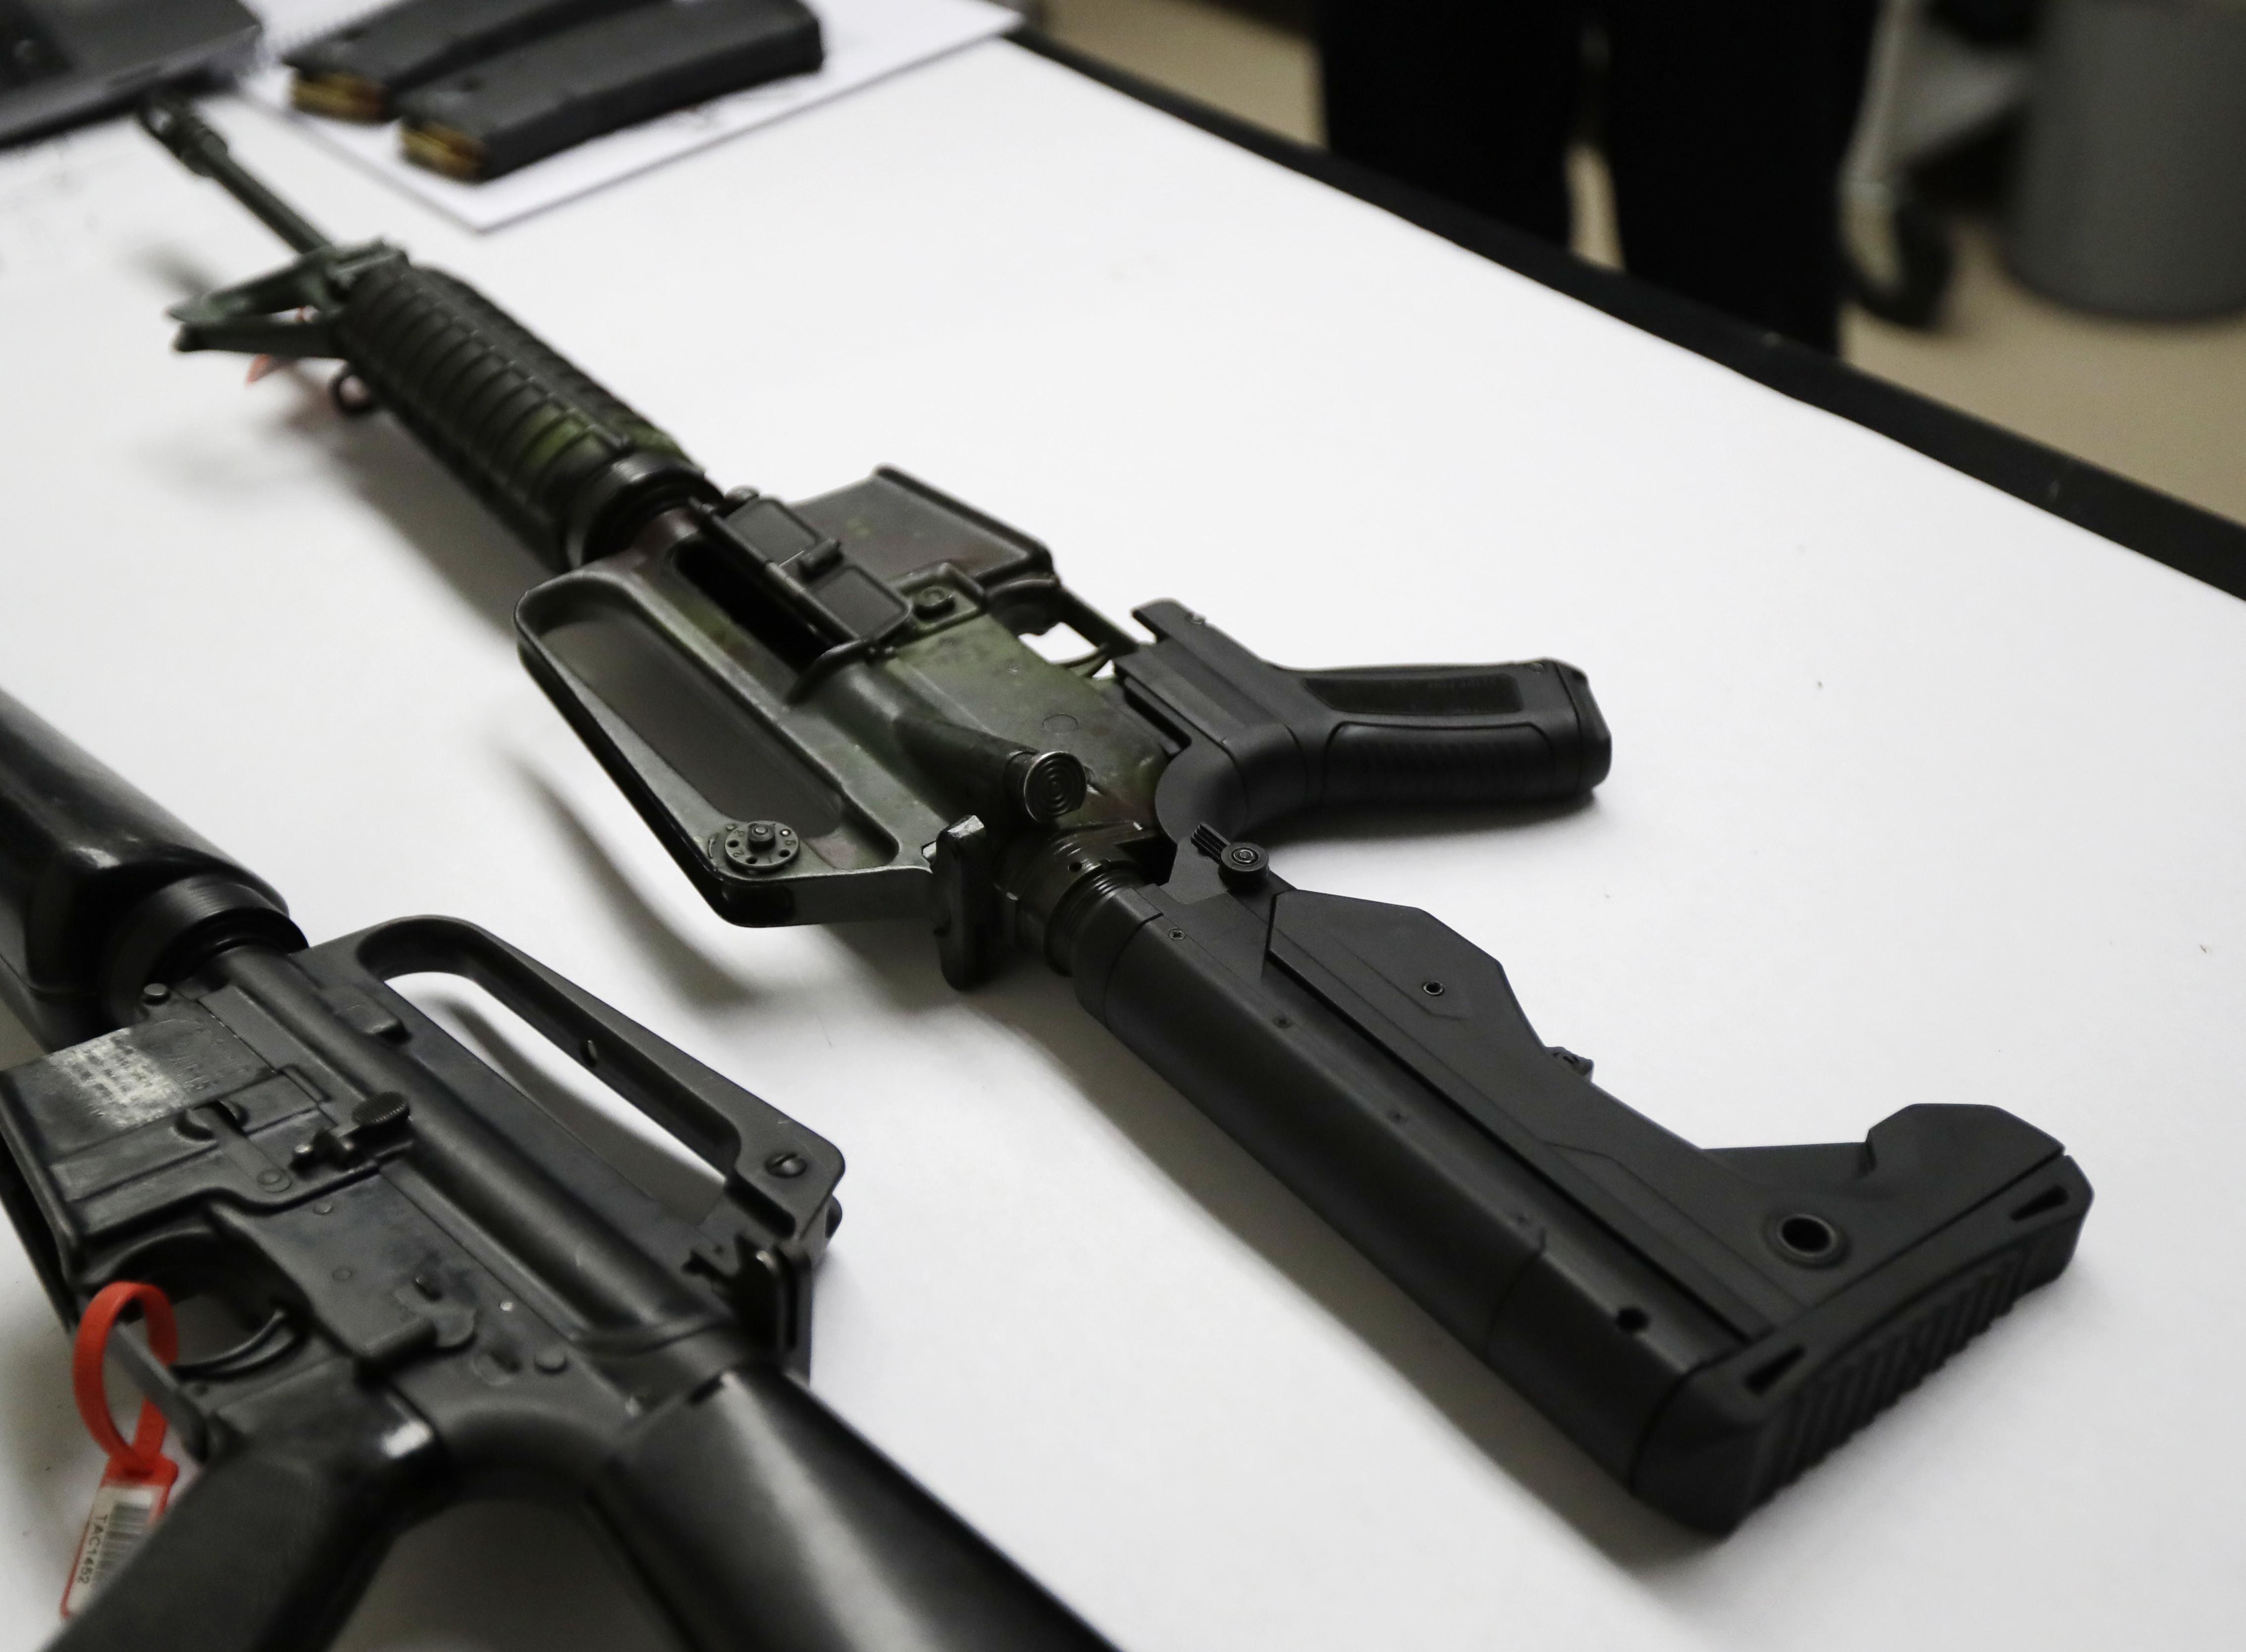 ▲▼ 佛州槍擊案後,大批學生呼籲政府管制槍枝,總統川普已經指示修法禁售「撞火槍托」(bump stocks)。(圖/達志影像/美聯社)